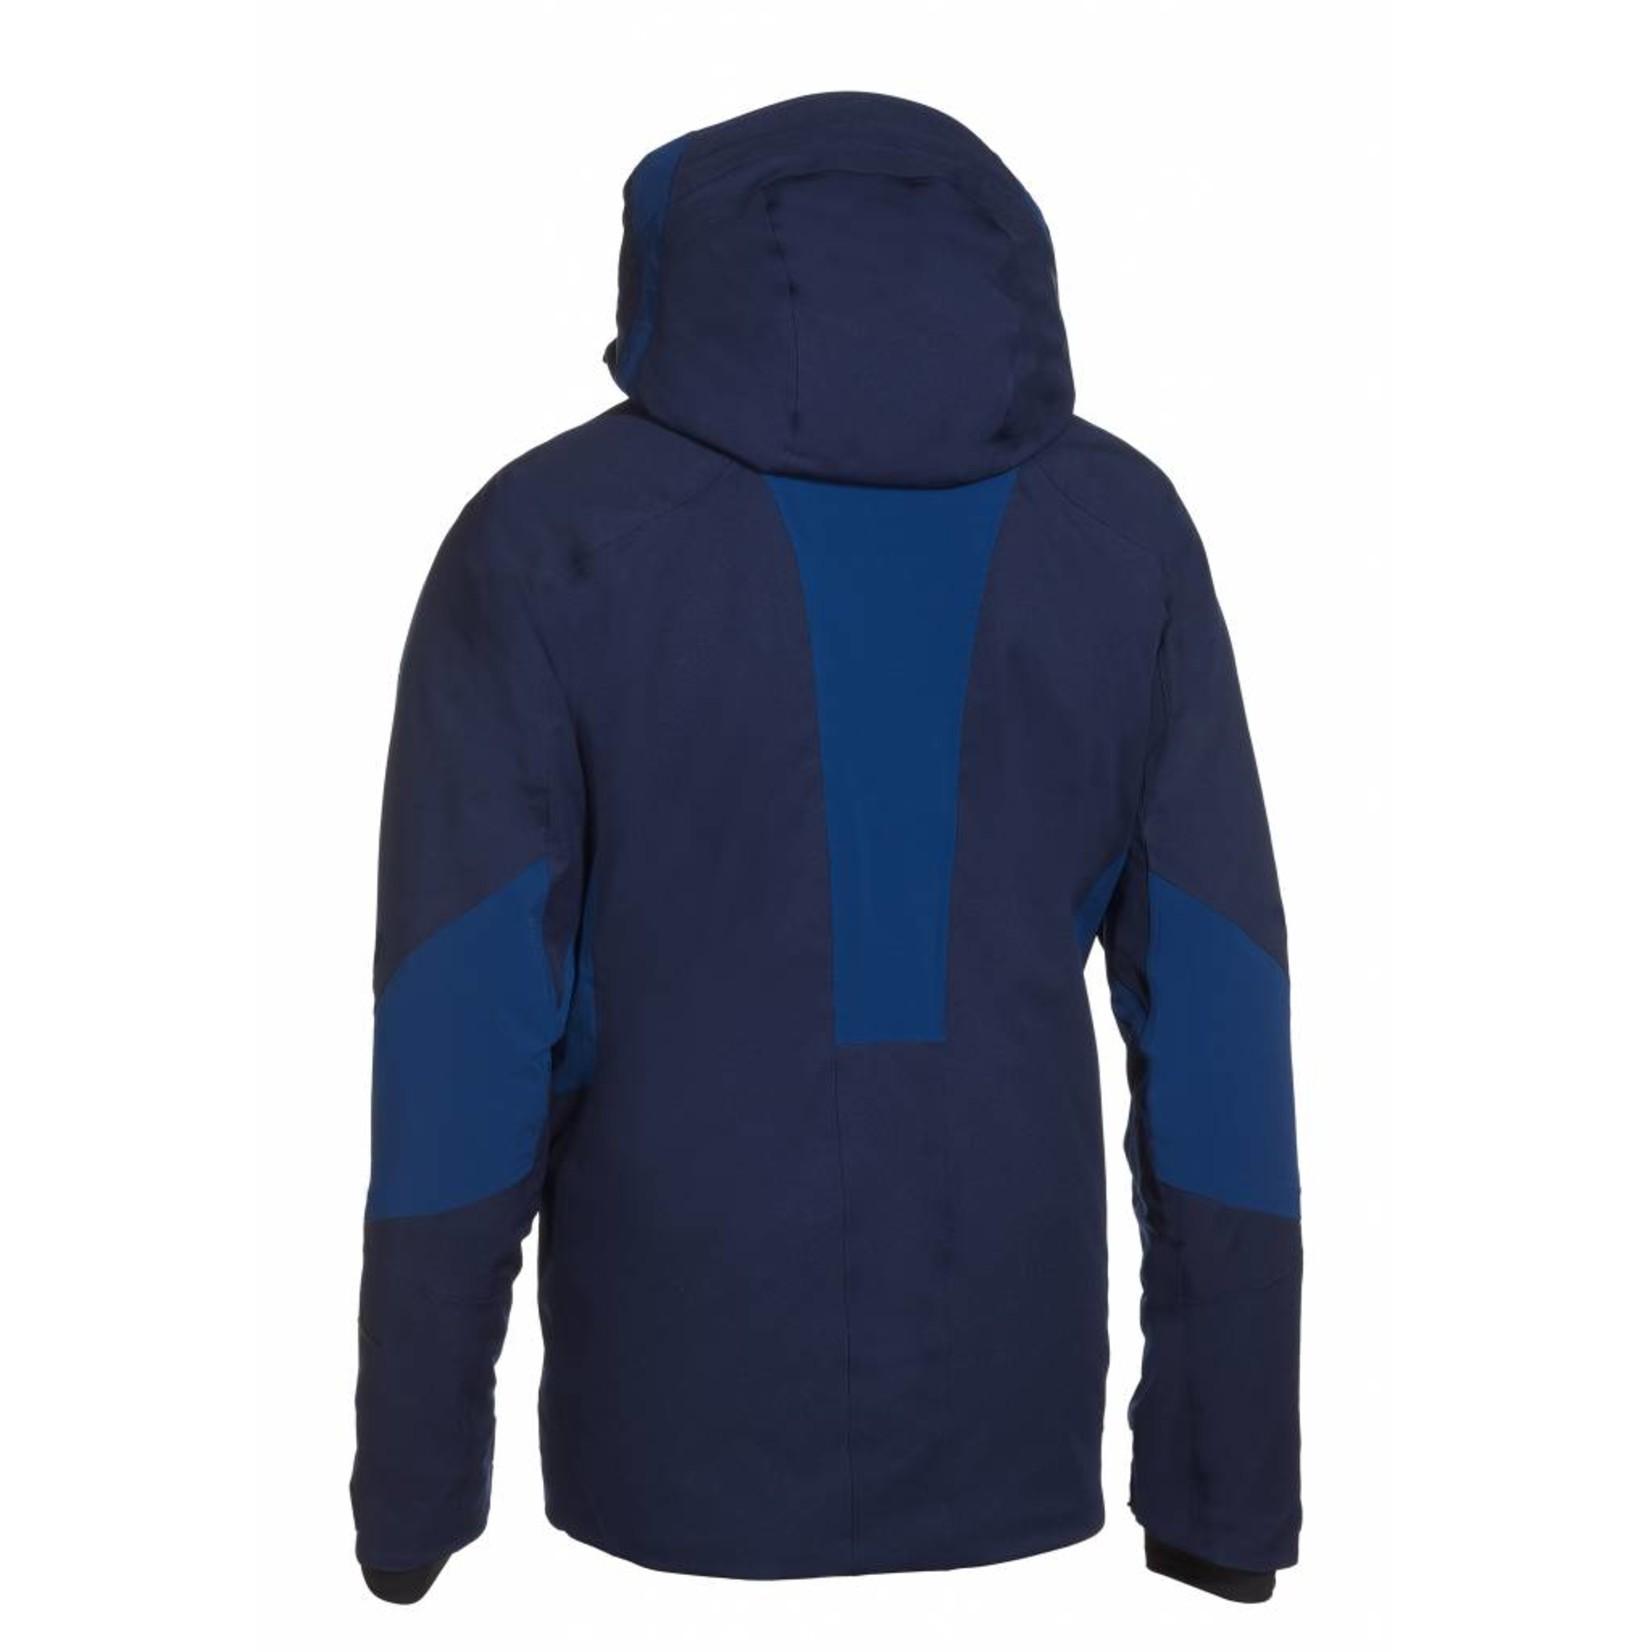 PHENIX Geiranger Jacket - NV